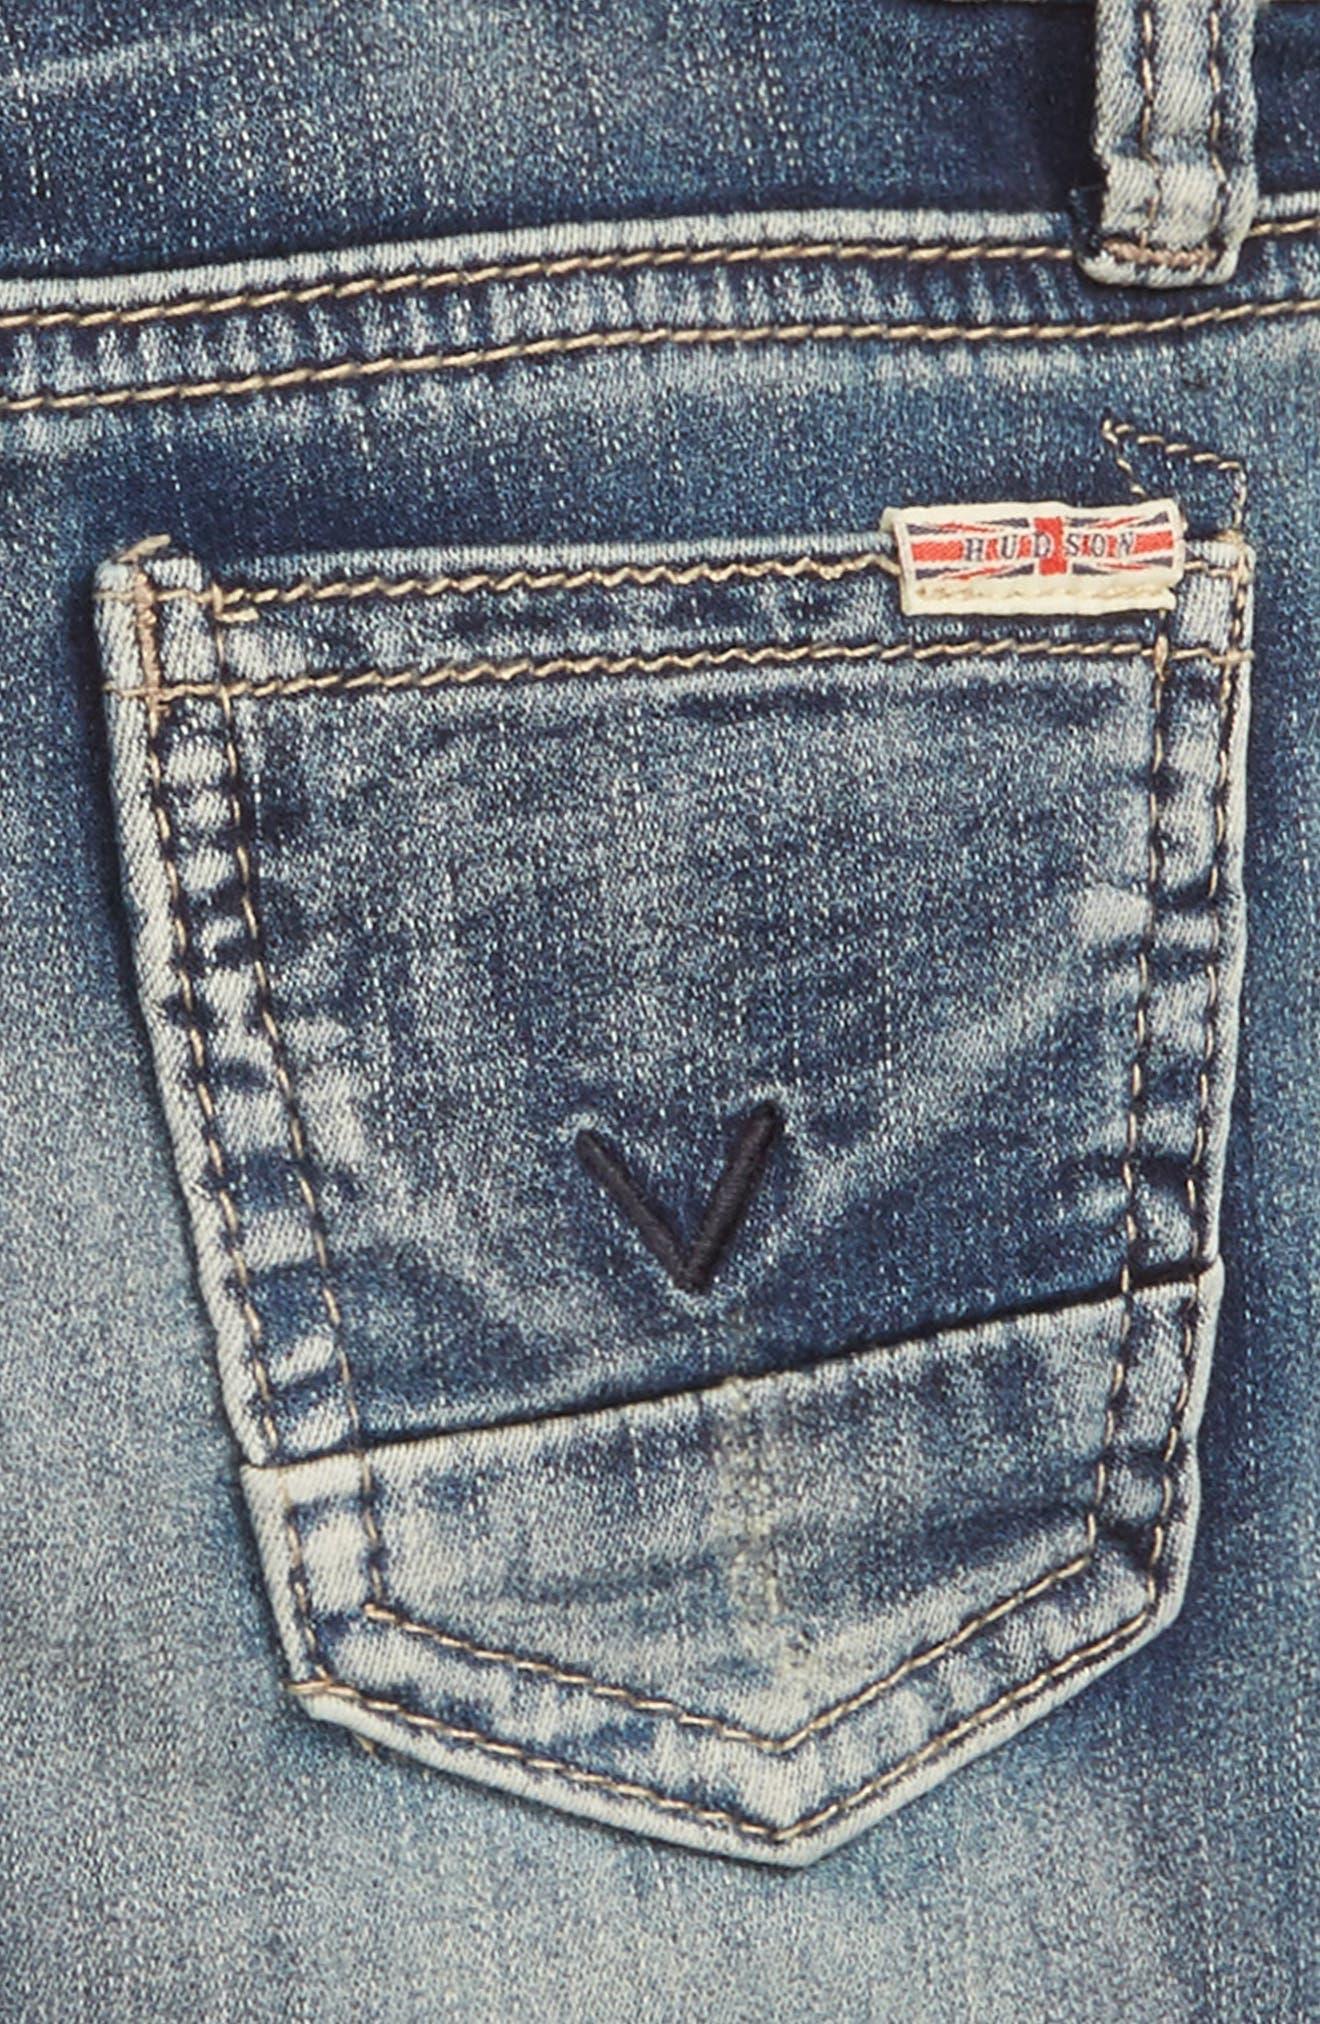 Jagger Slim Straight Leg Jeans,                             Alternate thumbnail 3, color,                             401